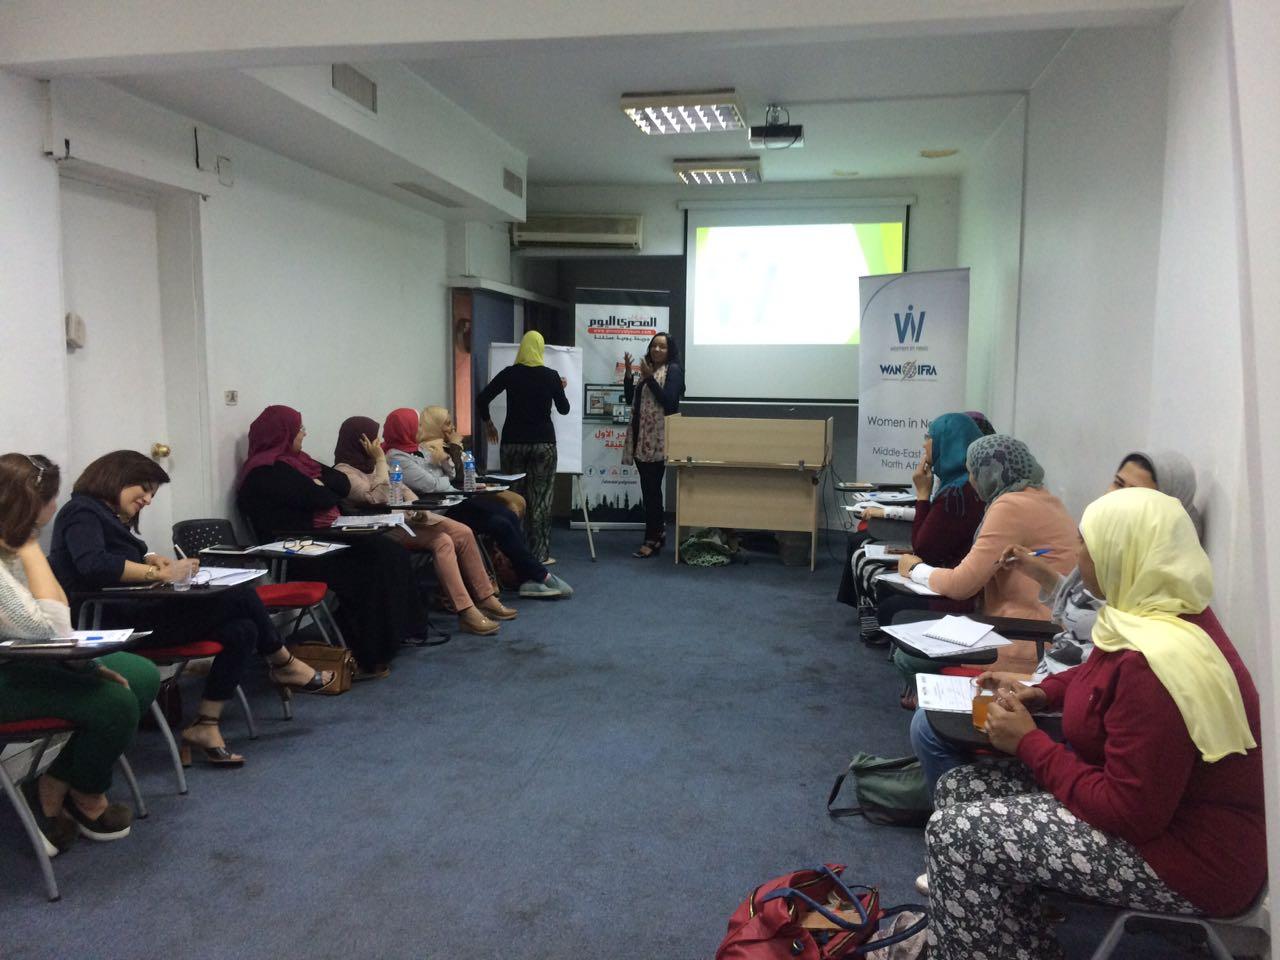 وان-ايفرا تنظم تدريباً لصحافيات جريدة المصري اليوم